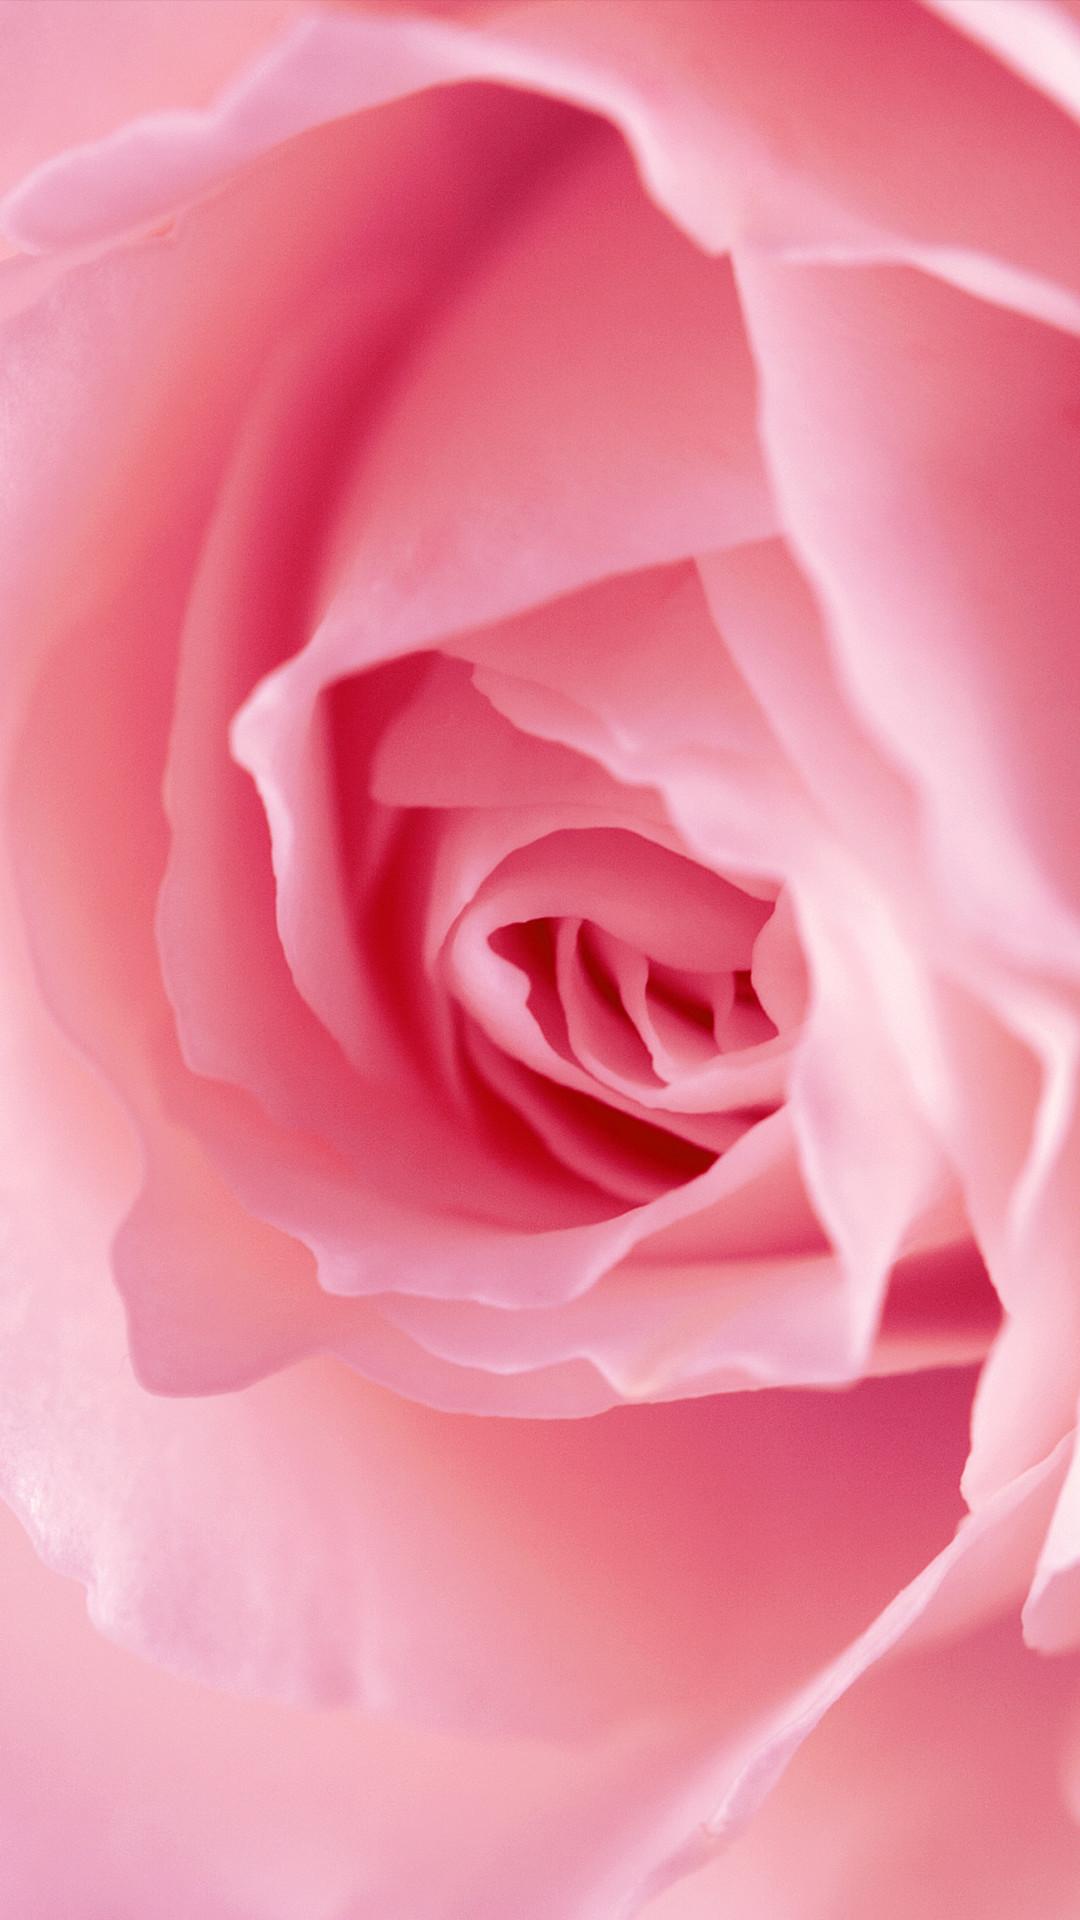 Res: 1080x1920, Pink Rose Phone Wallpaper